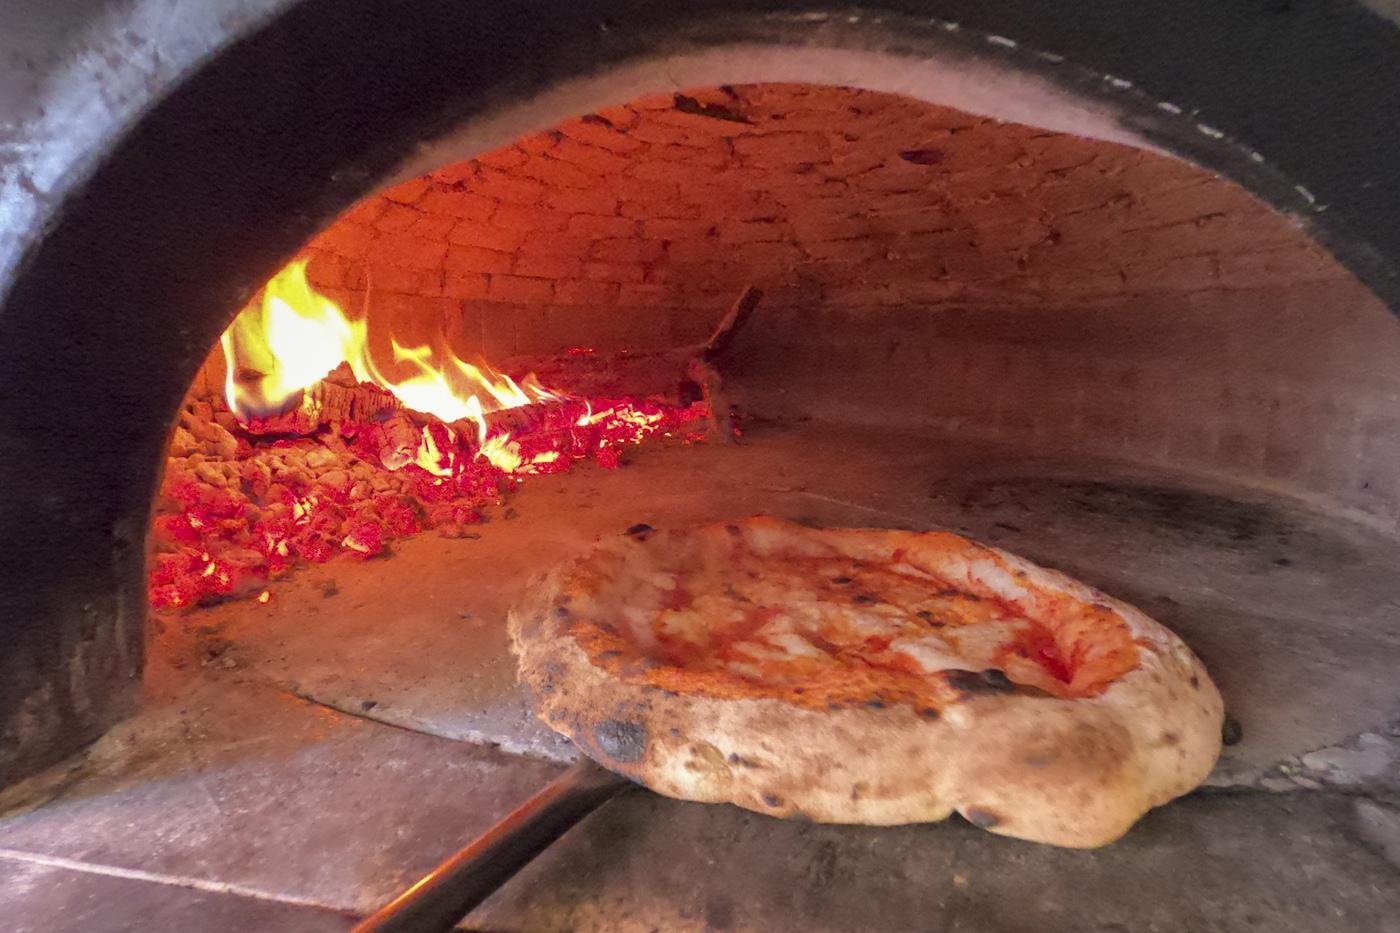 Emergenza Coronavirus, la regione Campania ha consentito a bar e pizzerie la consegna a domicilio